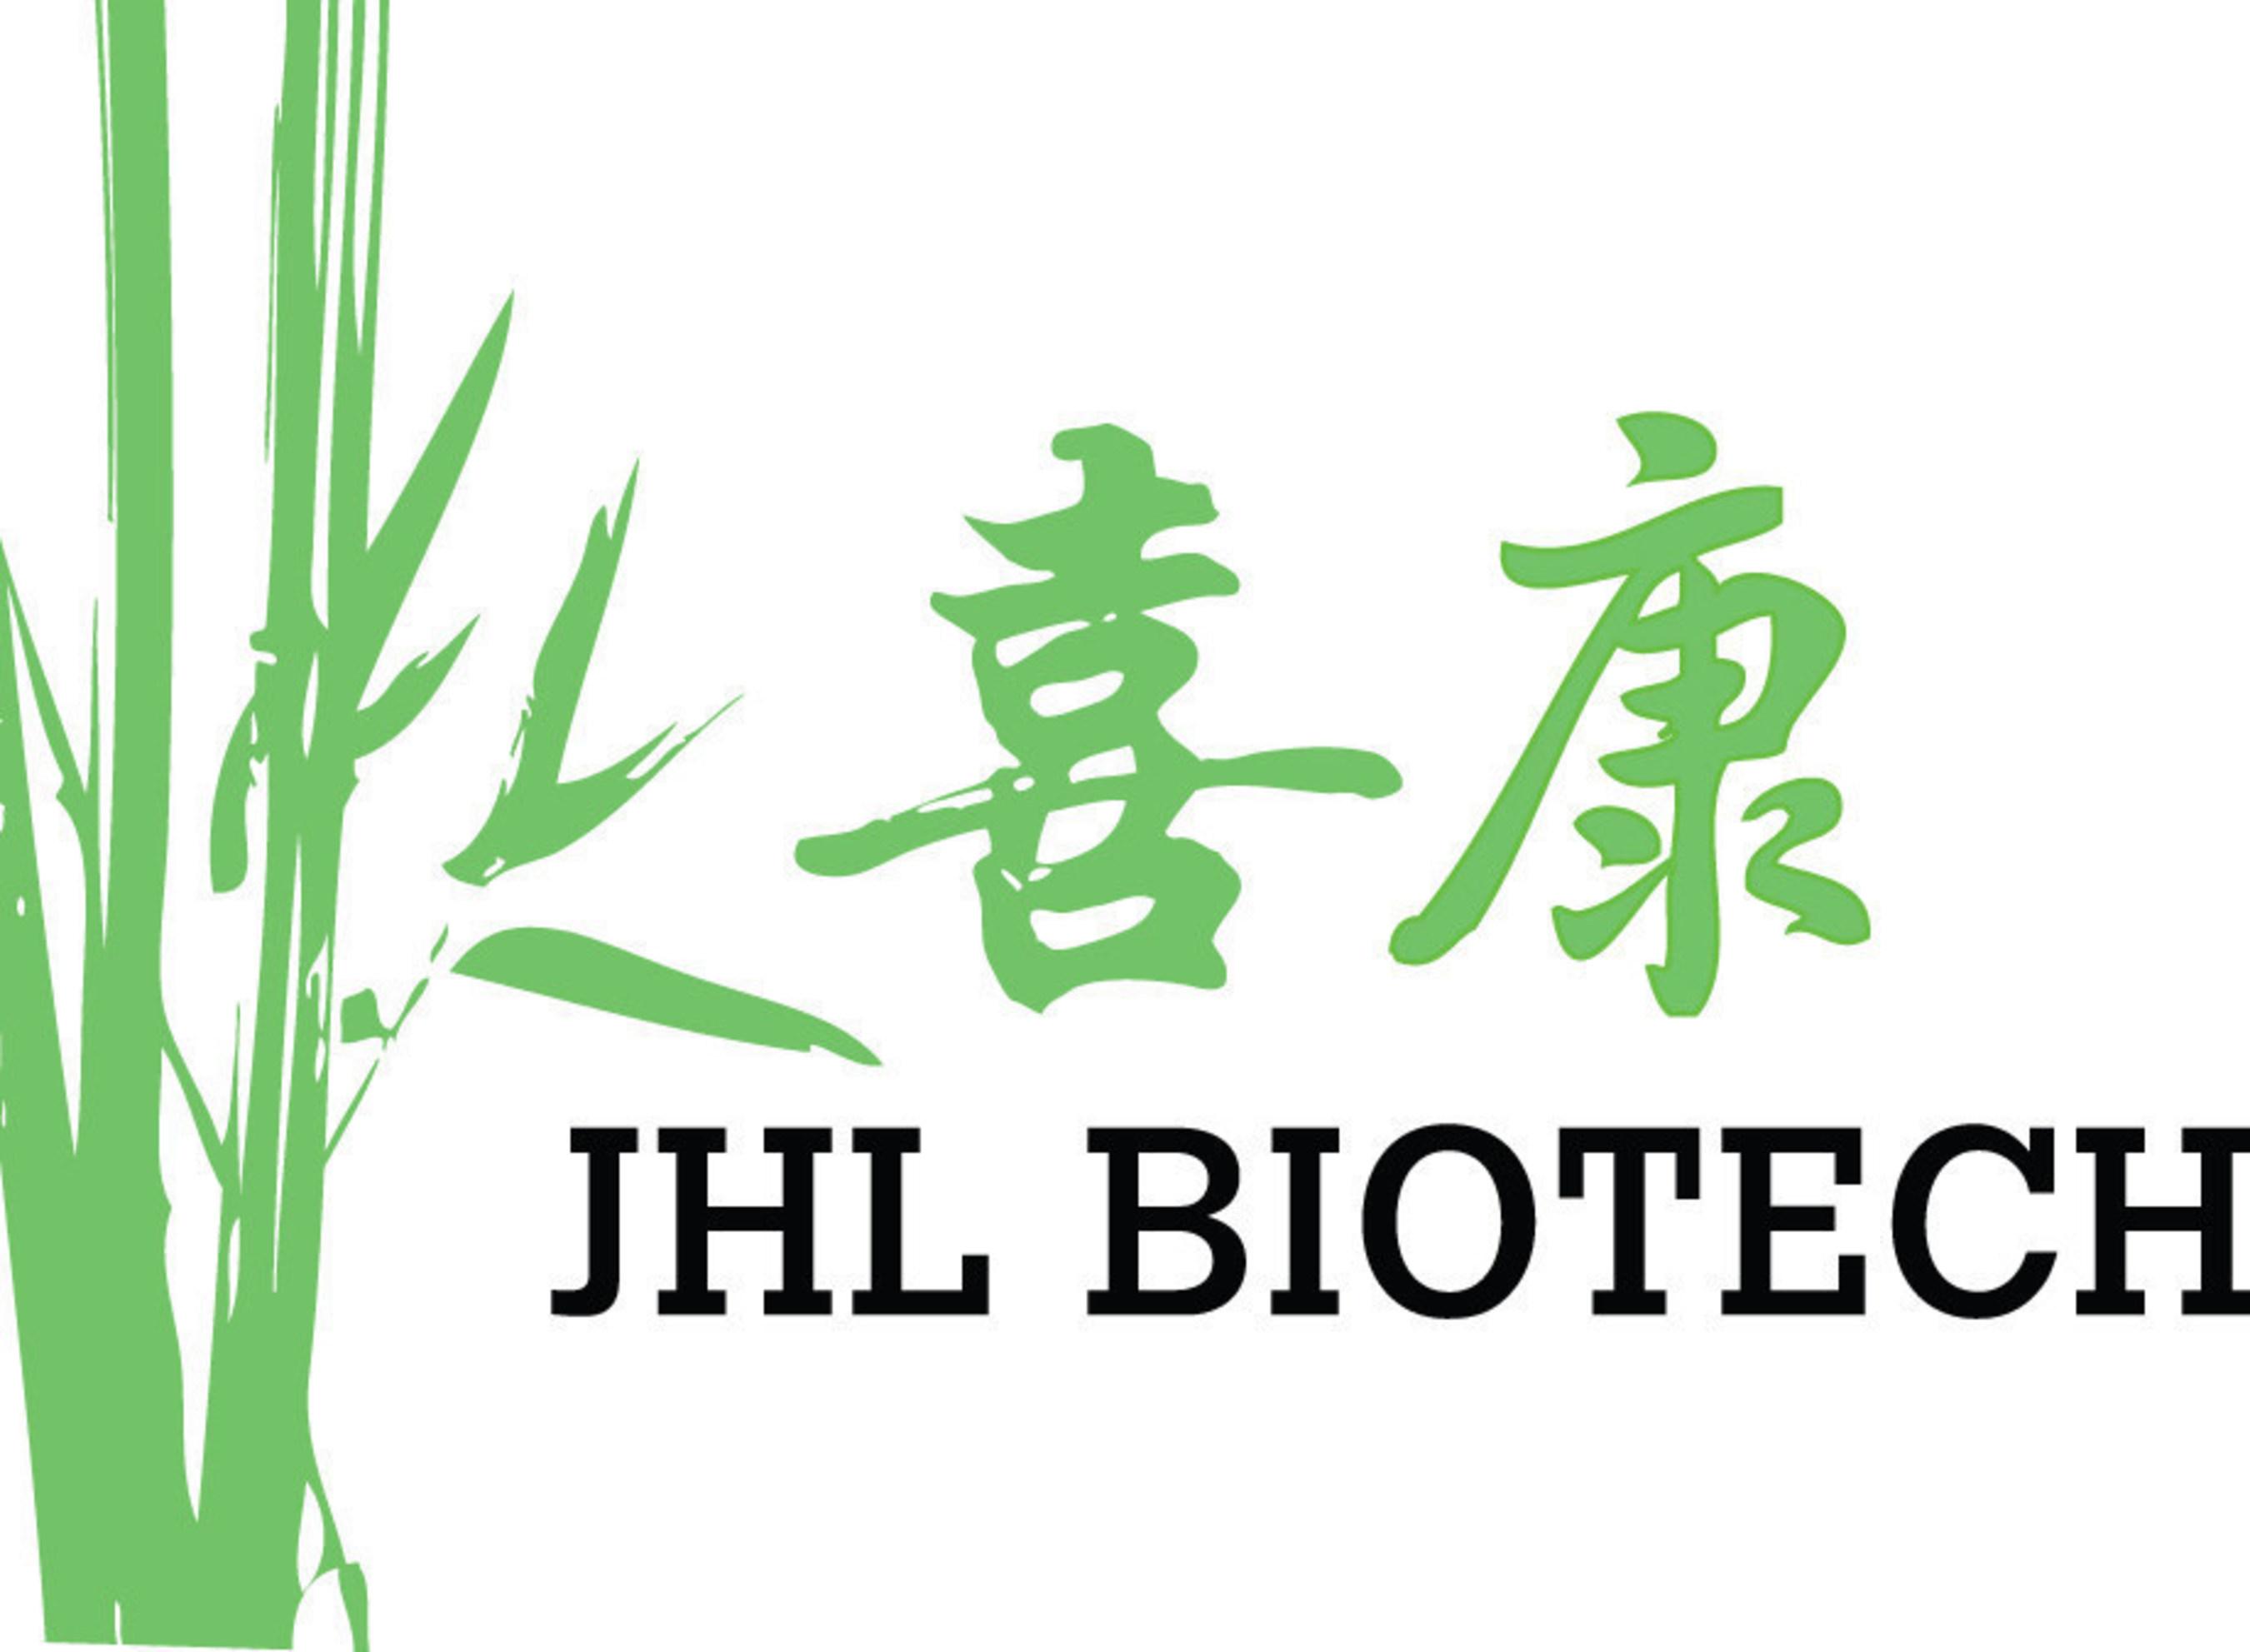 JHL Biotech erhält die Zulassung europäischer Behörden für den Start von klinischer